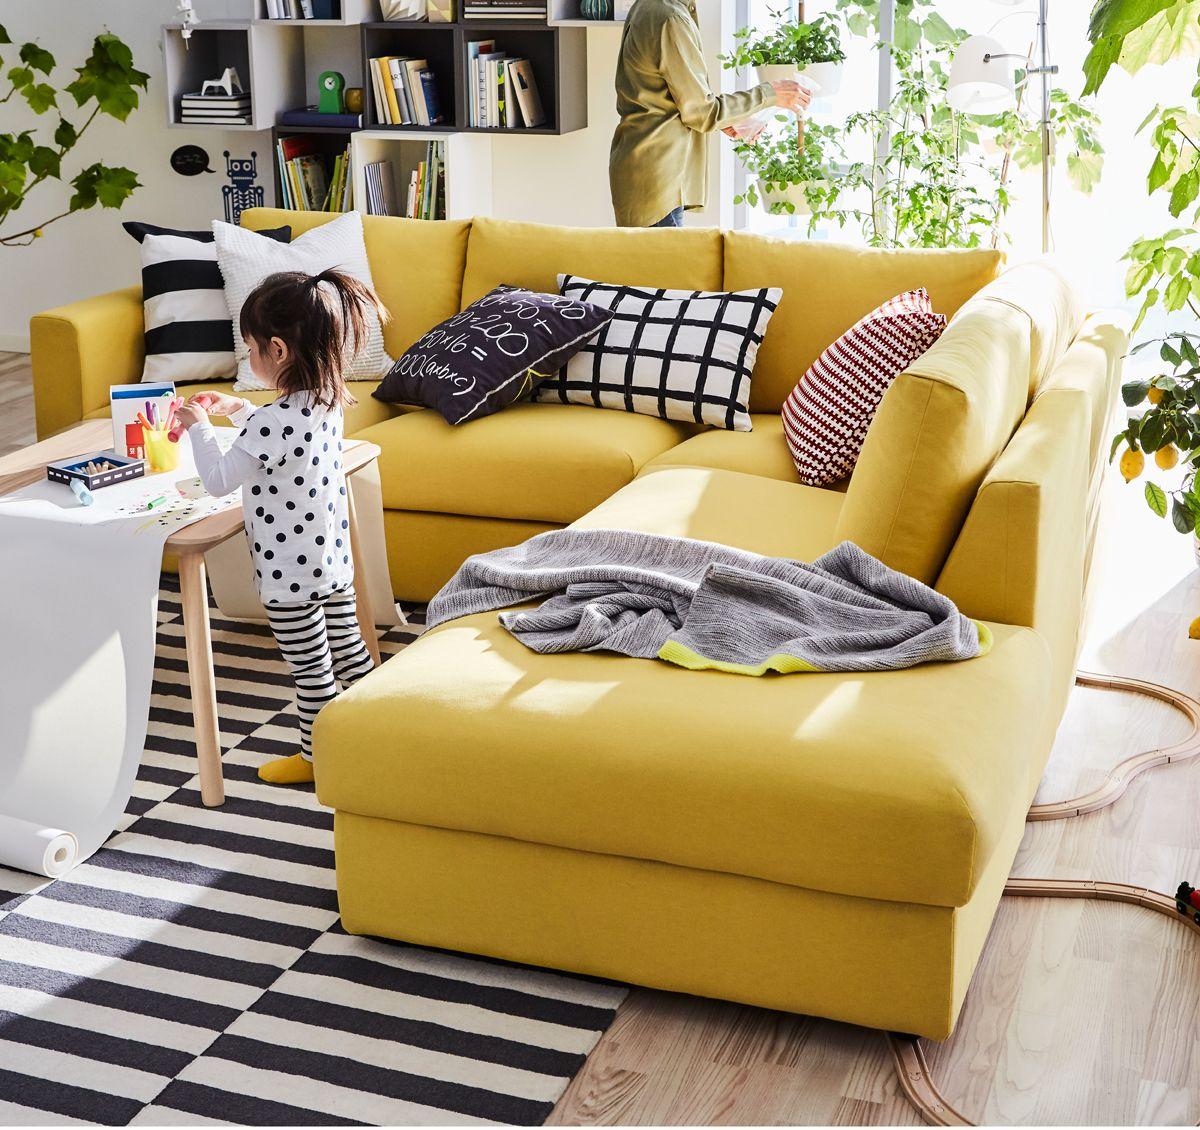 Sofas & Polstermöbel günstig online kaufen Living room